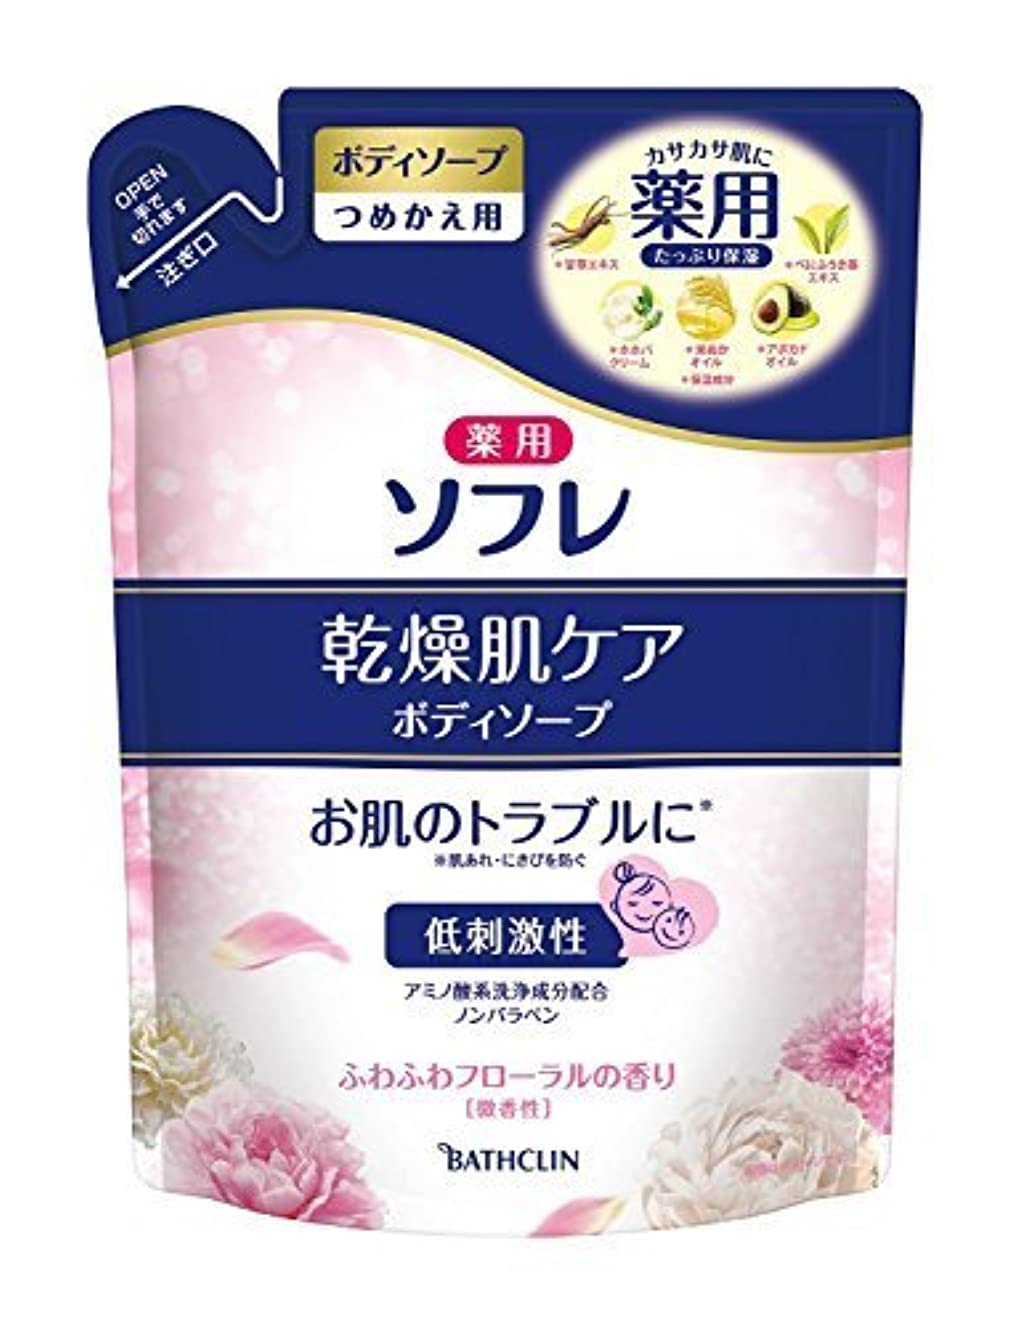 ドキドキフォーカス助けて薬用ソフレ 乾燥肌ケアボディ詰替 × 3個セット